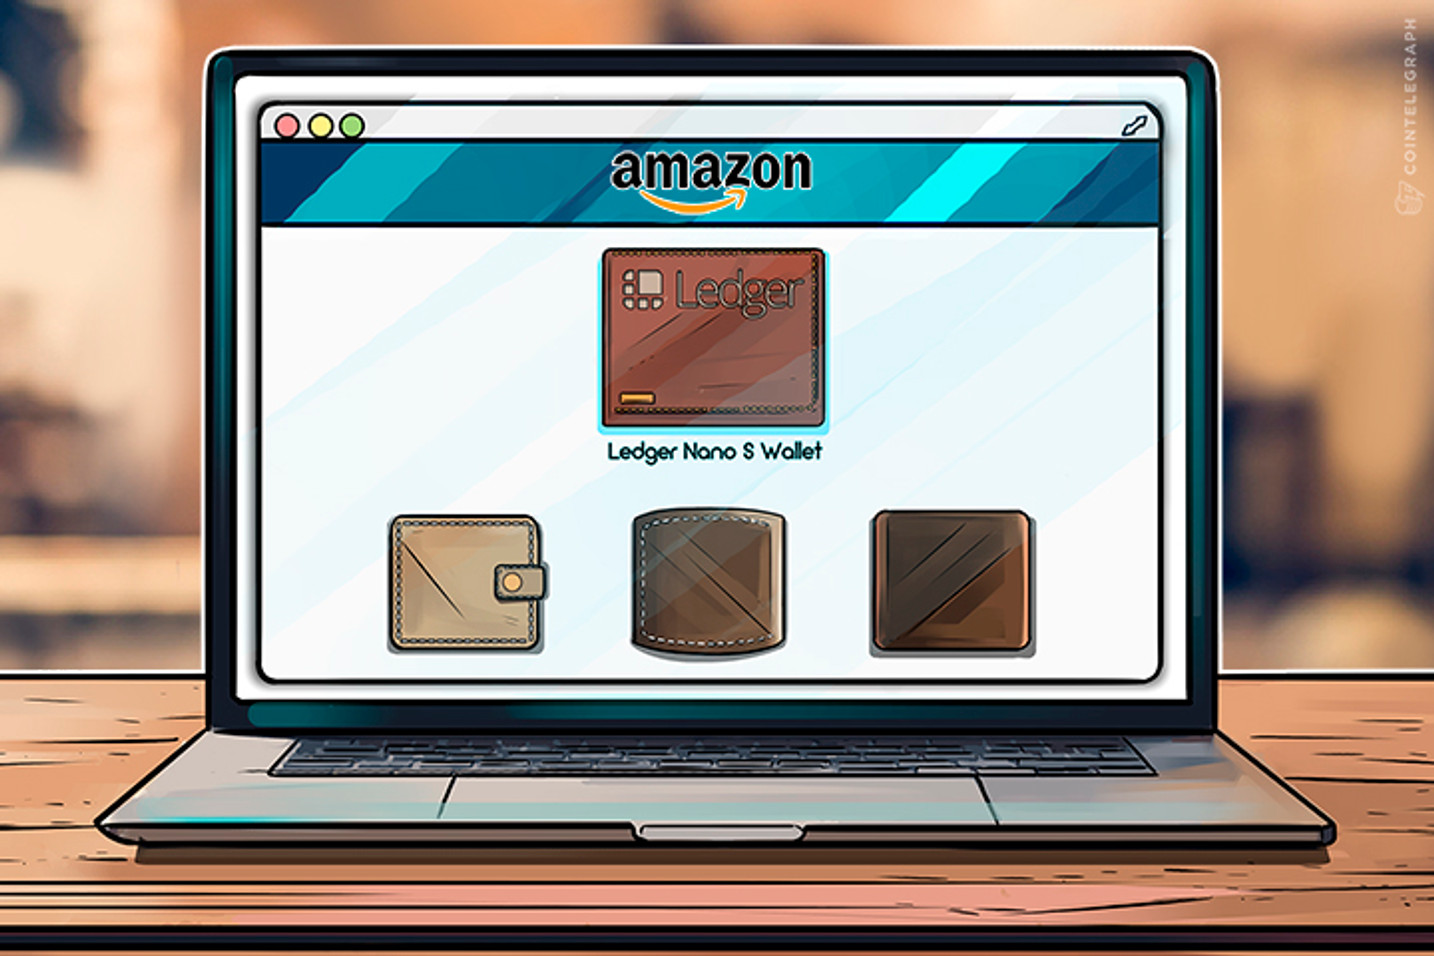 ¿Criptomanía? La cartera del hardware llega a No.8 en la lista del mejor vendido de Amazon